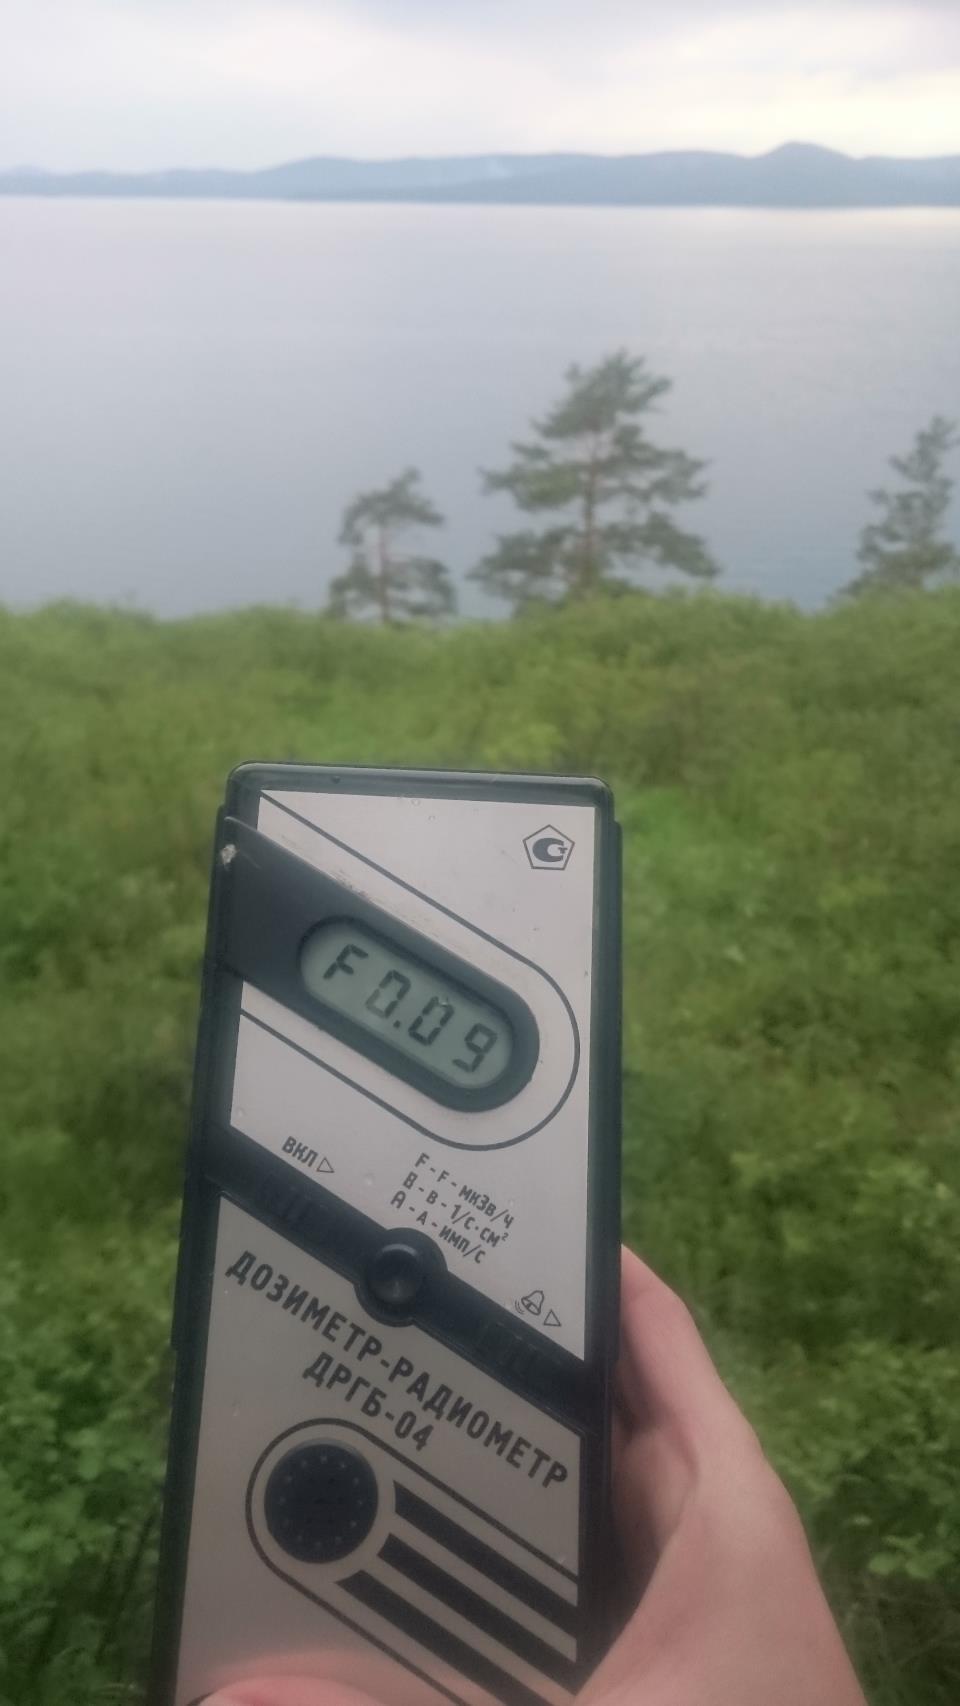 Точка измерения МЭД гамма-излучения у озера Тургояк в Челябинской области недалеко от г. Миасс